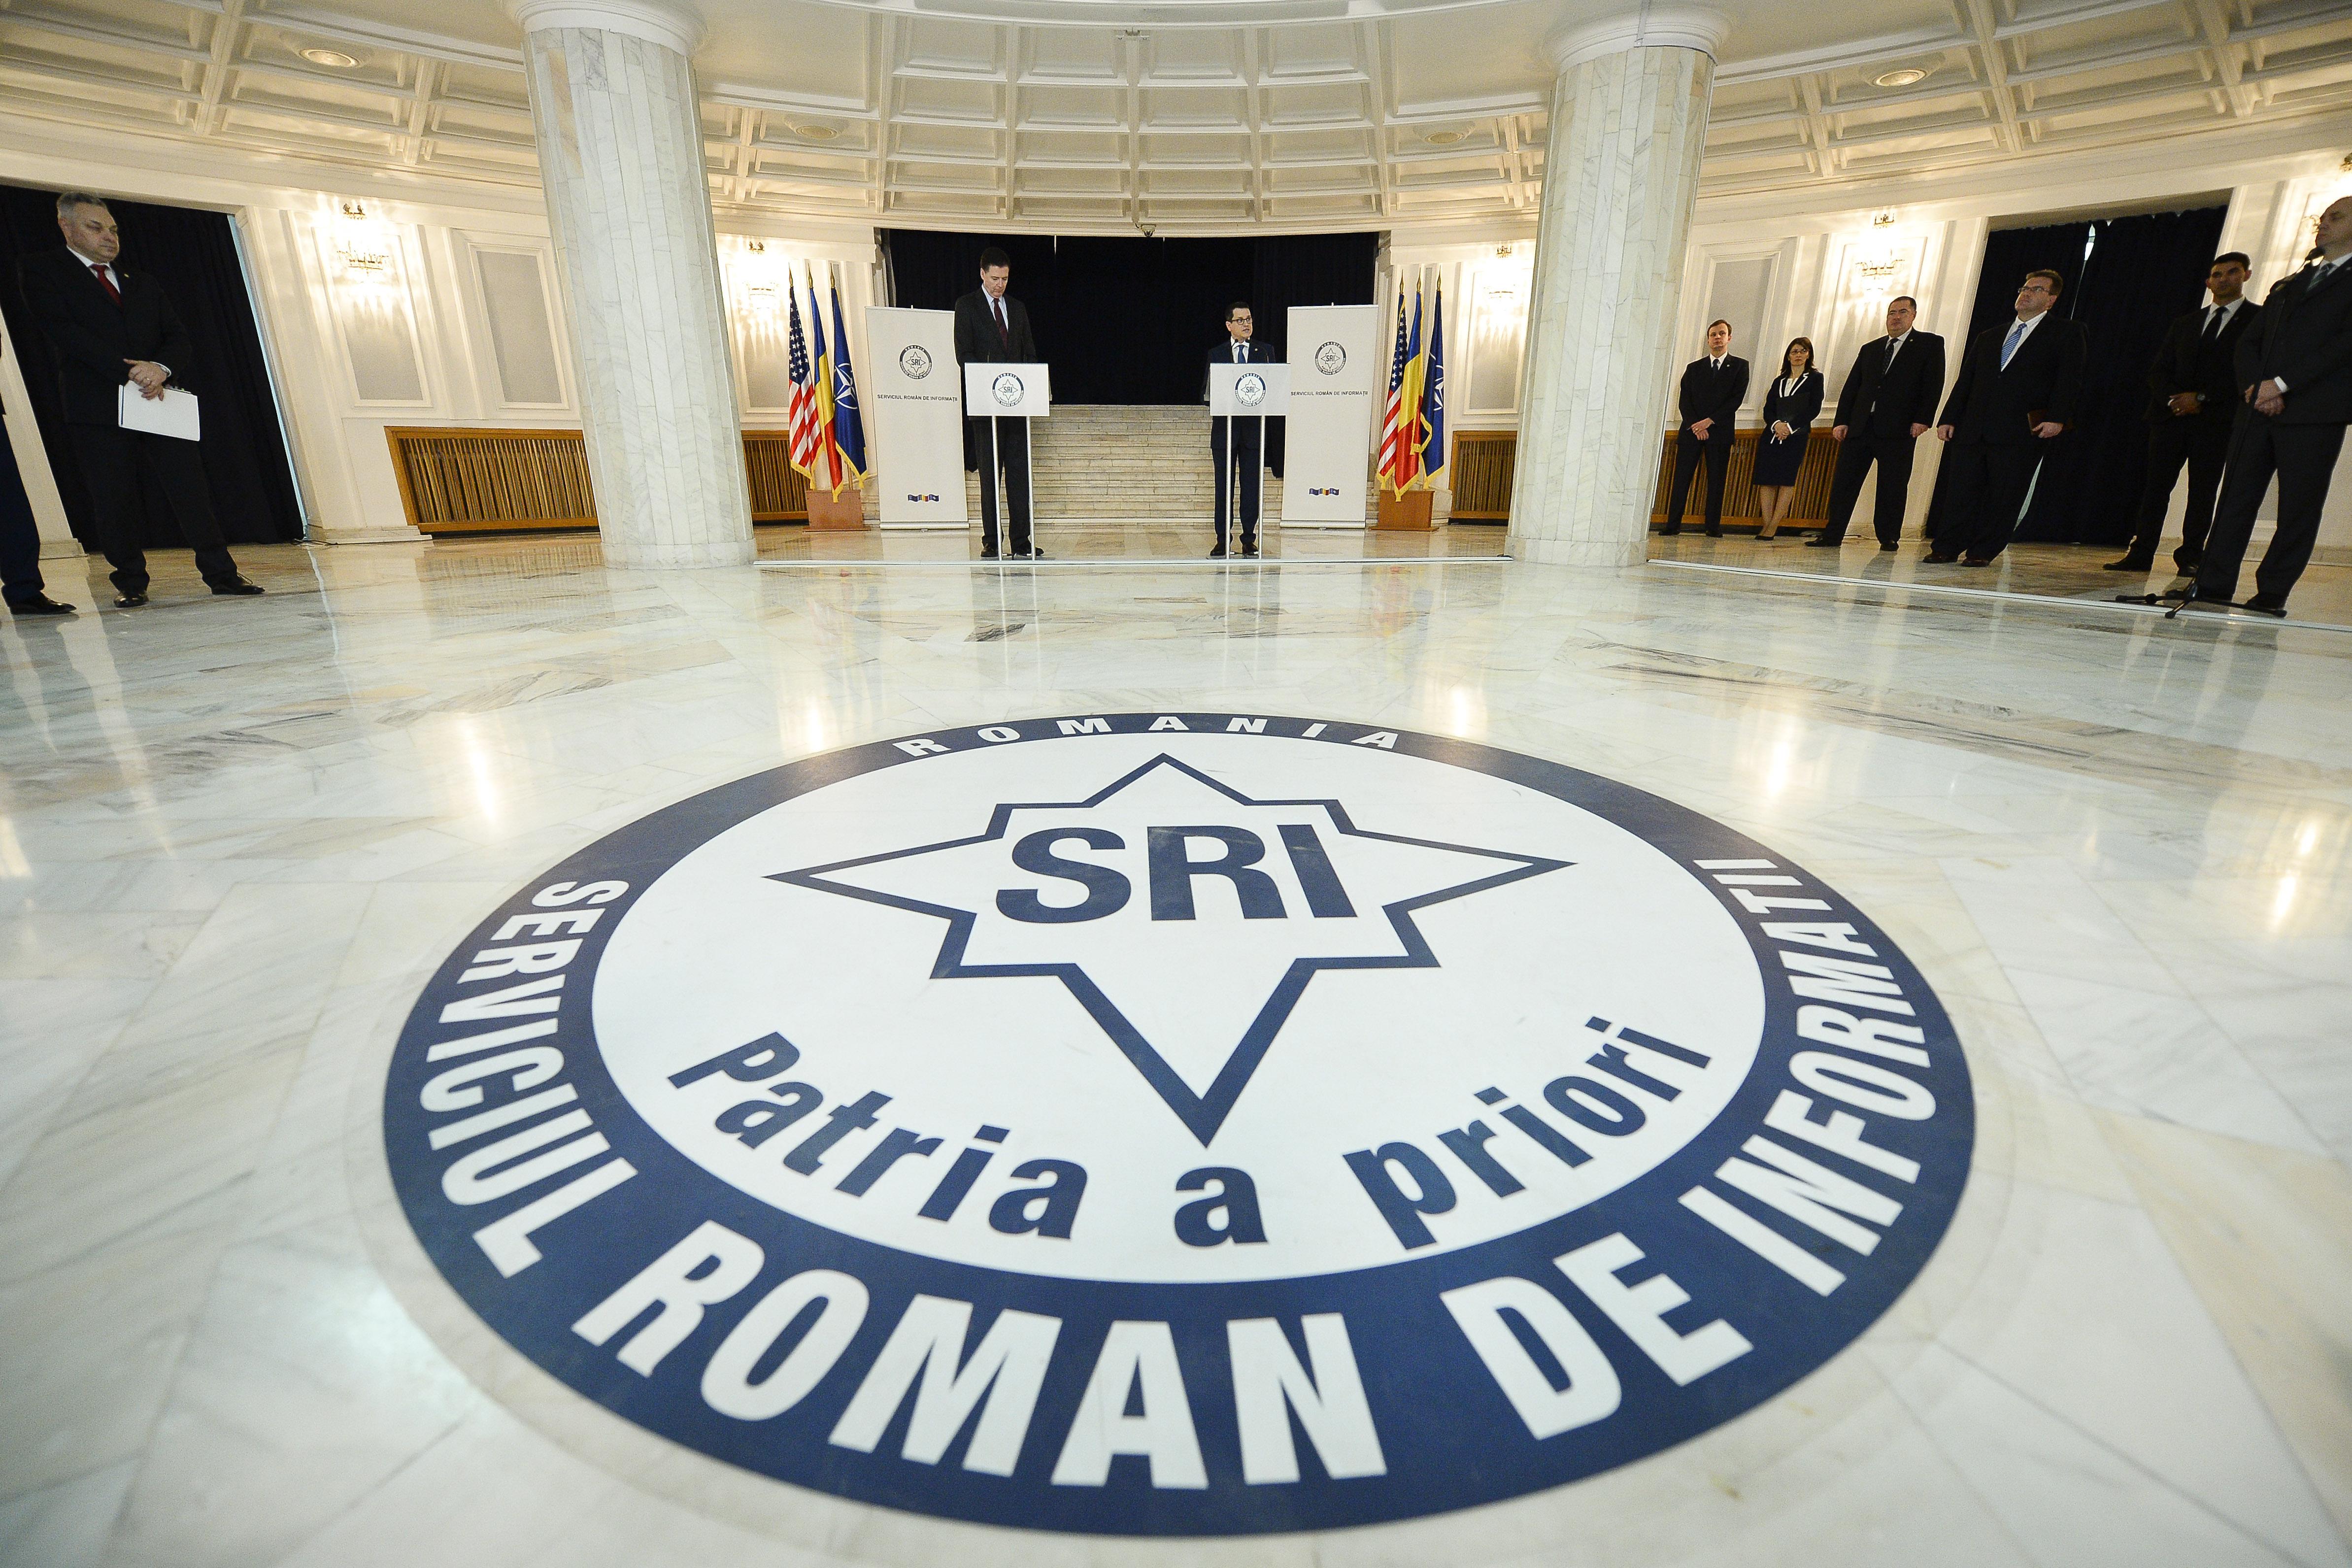 Generalul Dumitru Dumbravă va fi audiat, miercuri, în Comisia de control al SRI